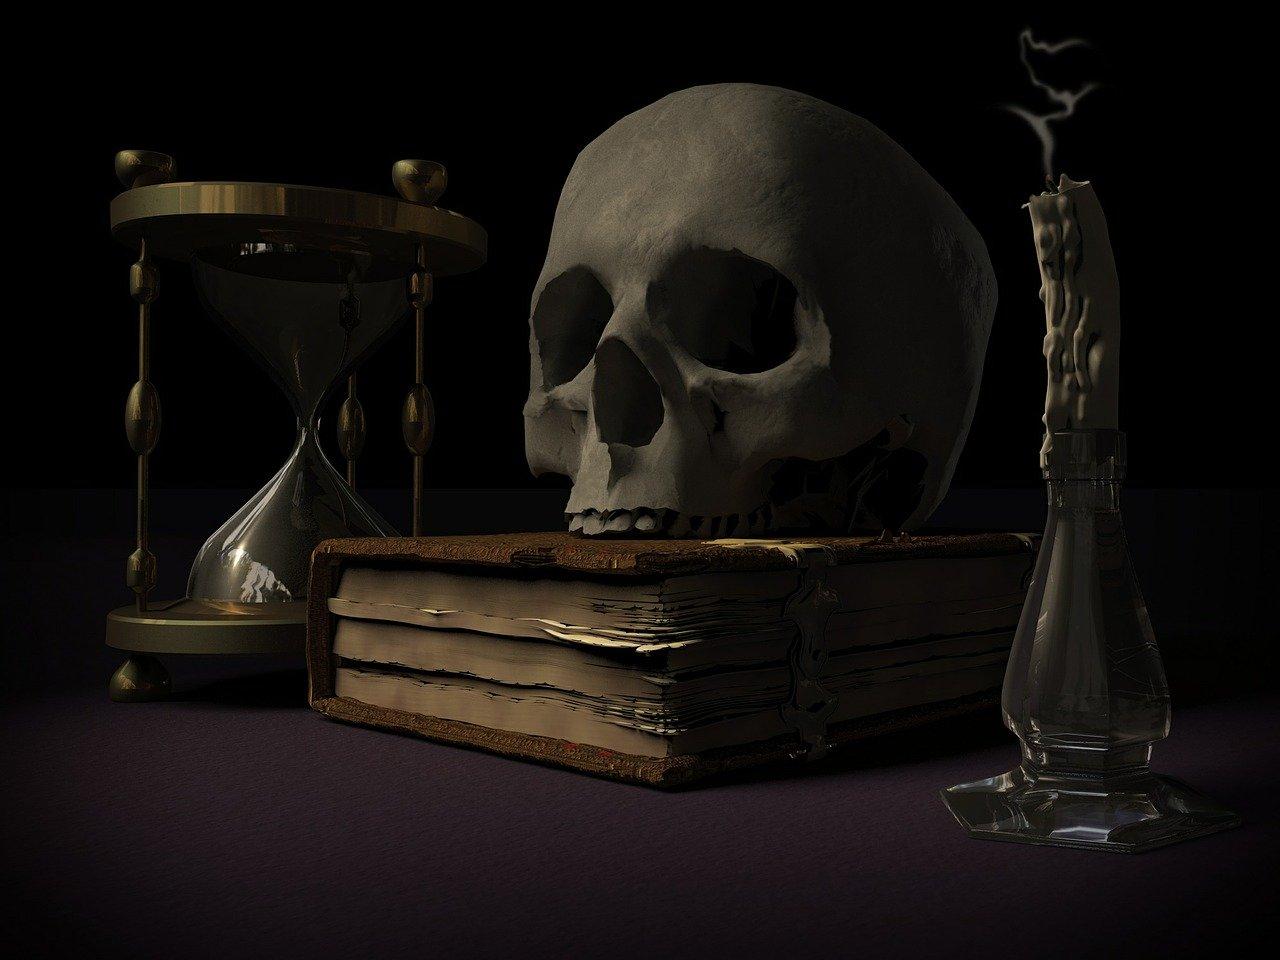 freuds psykoanalyse i litteraturen